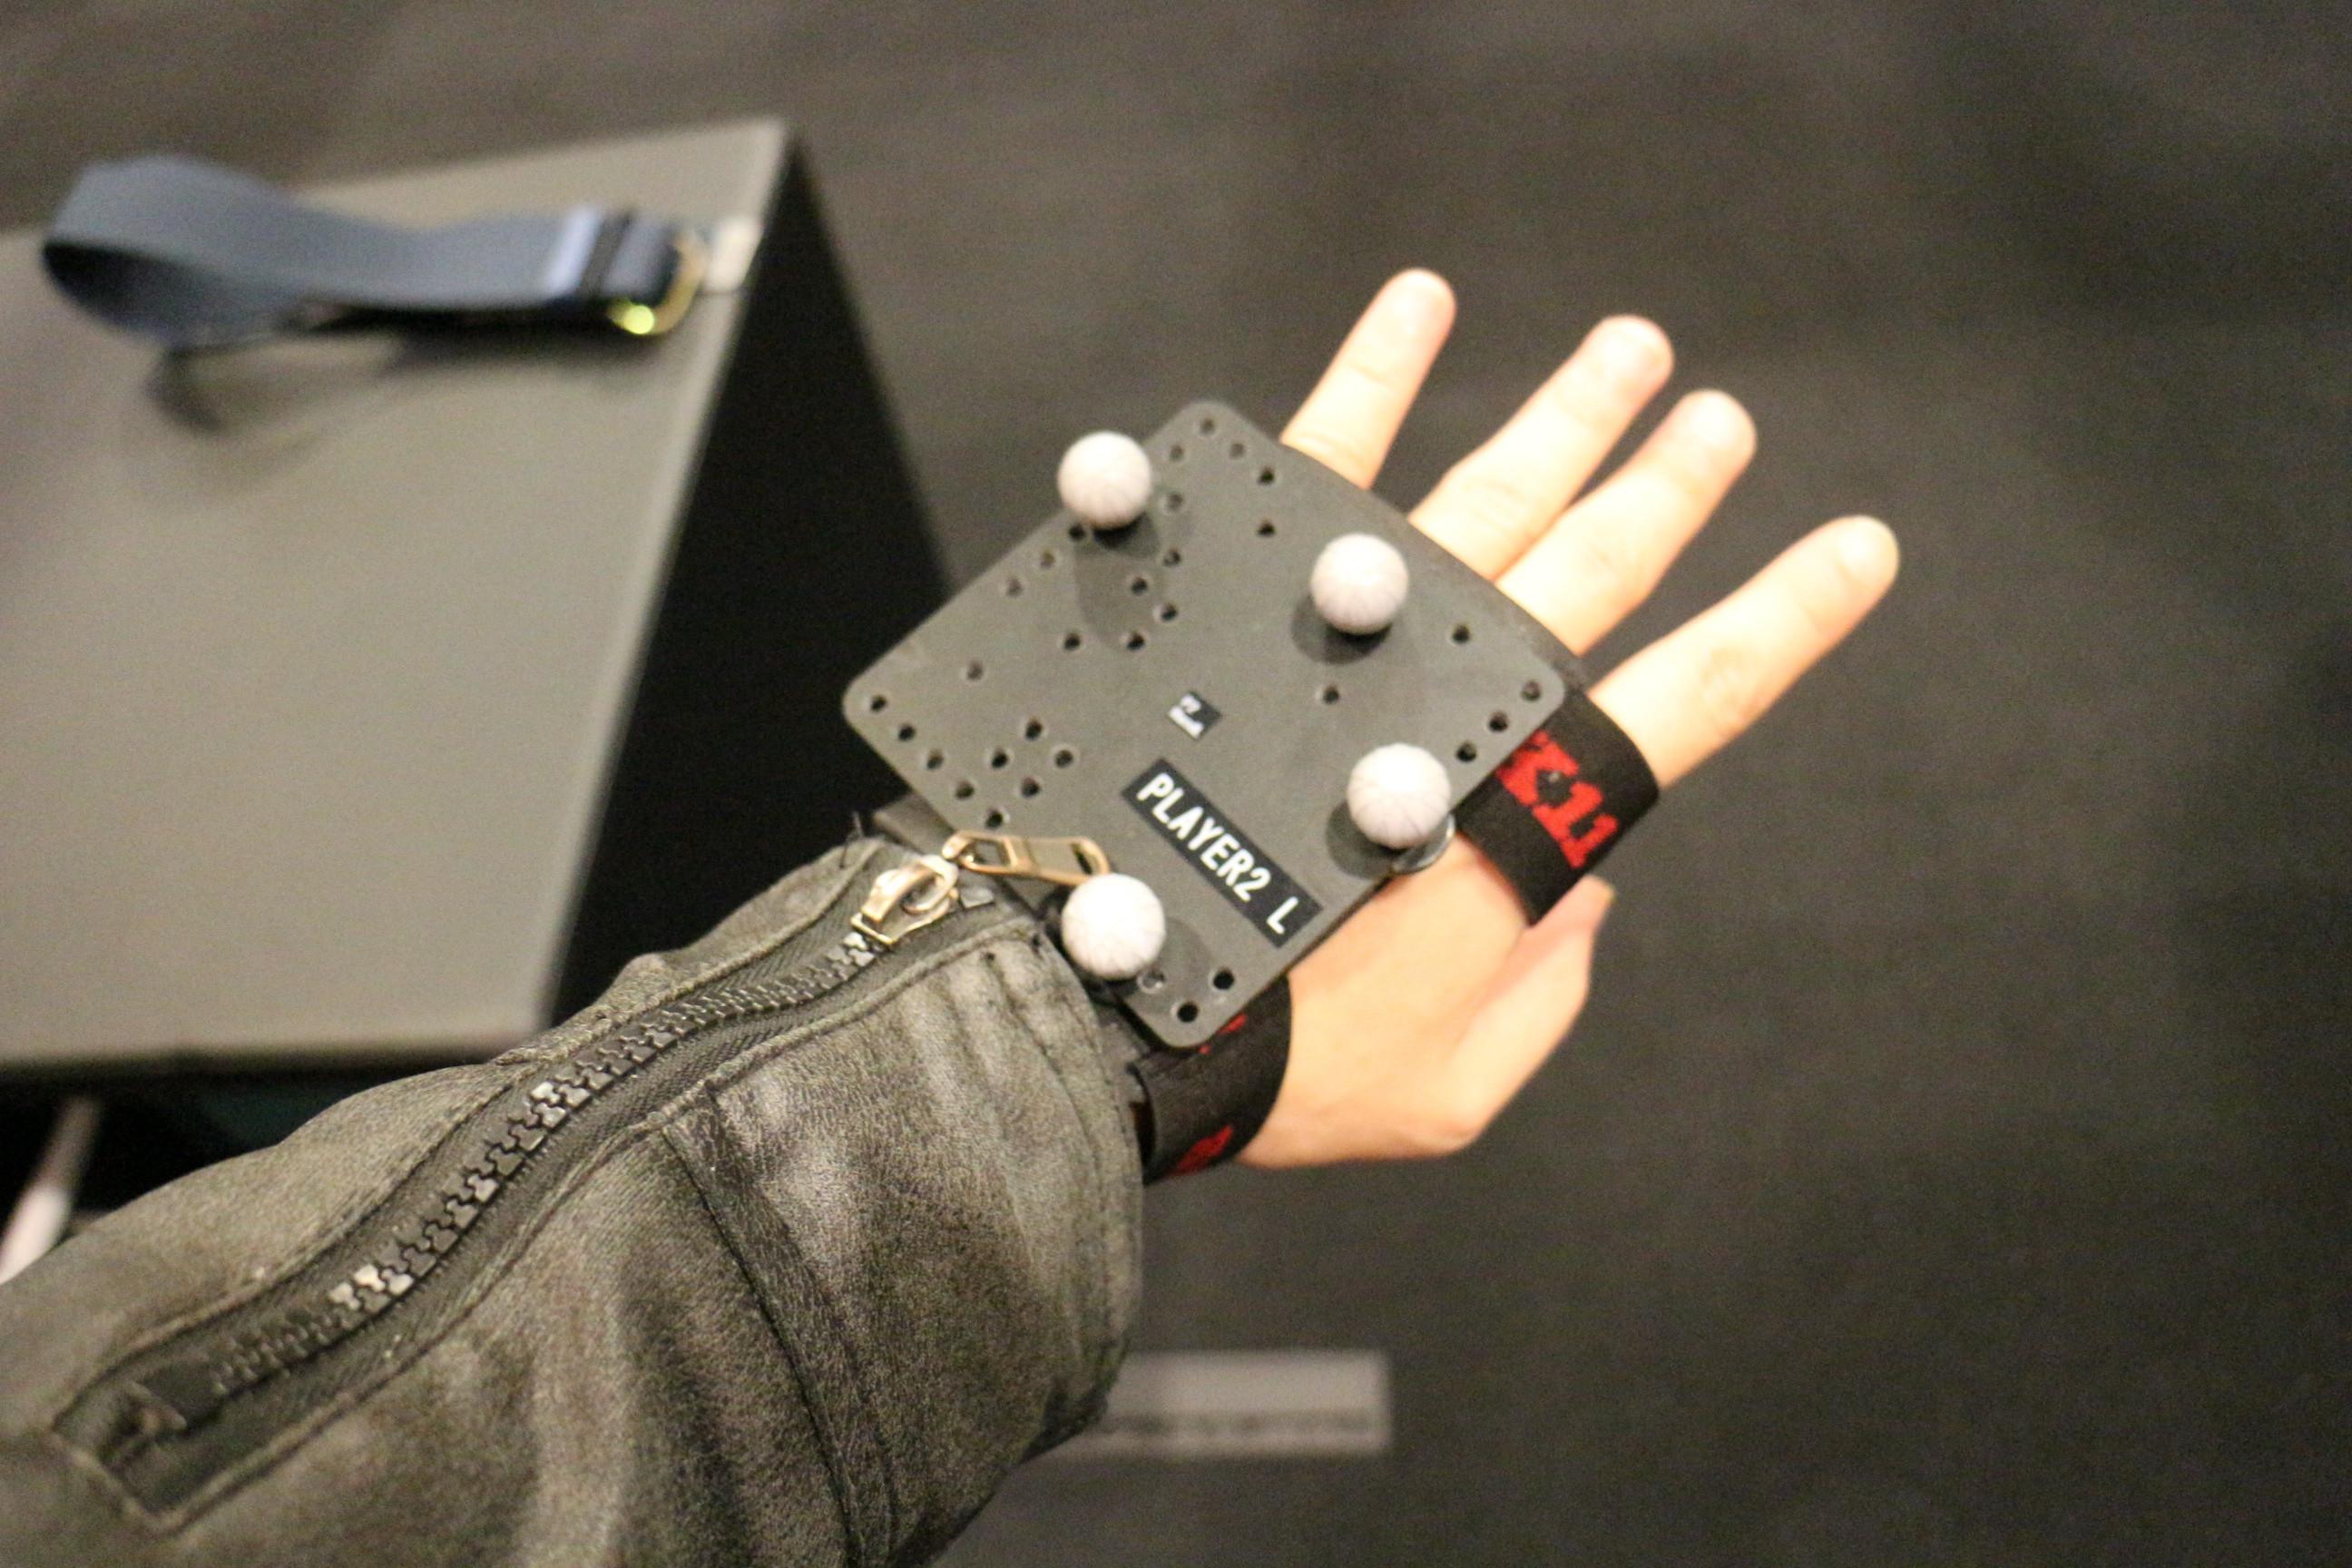 手足には赤外線反射素材を装備した専用のアタッチメントを装着。これによりVR内で手足のトラッキングもでき、自分の手足がVR内に表示される。ただ、Lighthouseトラッキングを用いるHMDに比べて精度はあまりよくなかった印象